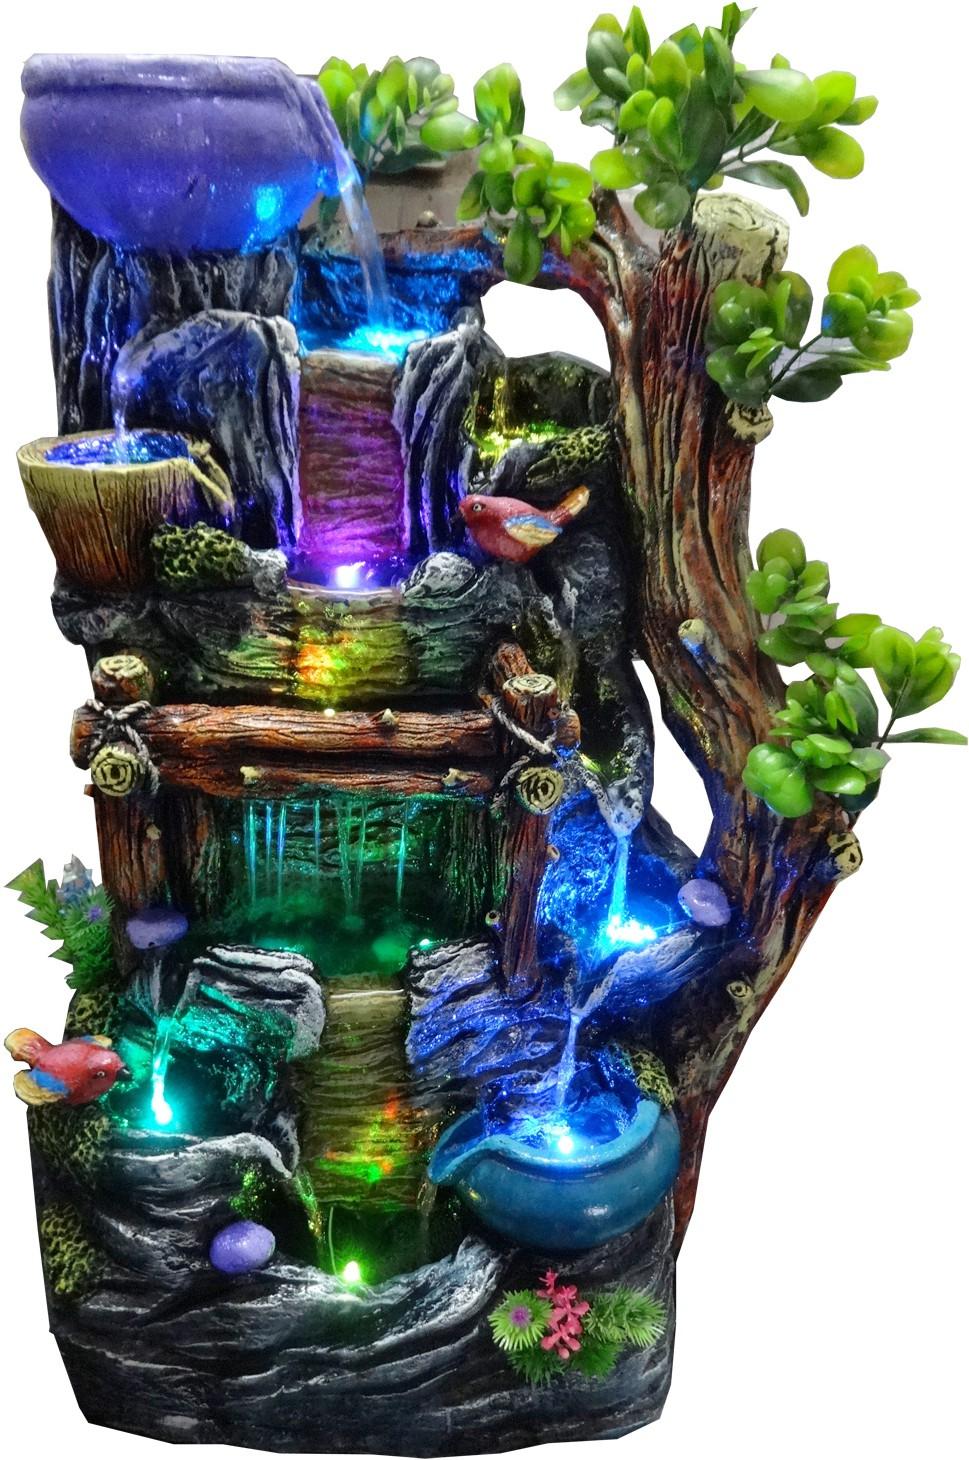 NVR Indoor, Outdoor Water Fountain(70 cm X 42 cm X 42 cm)